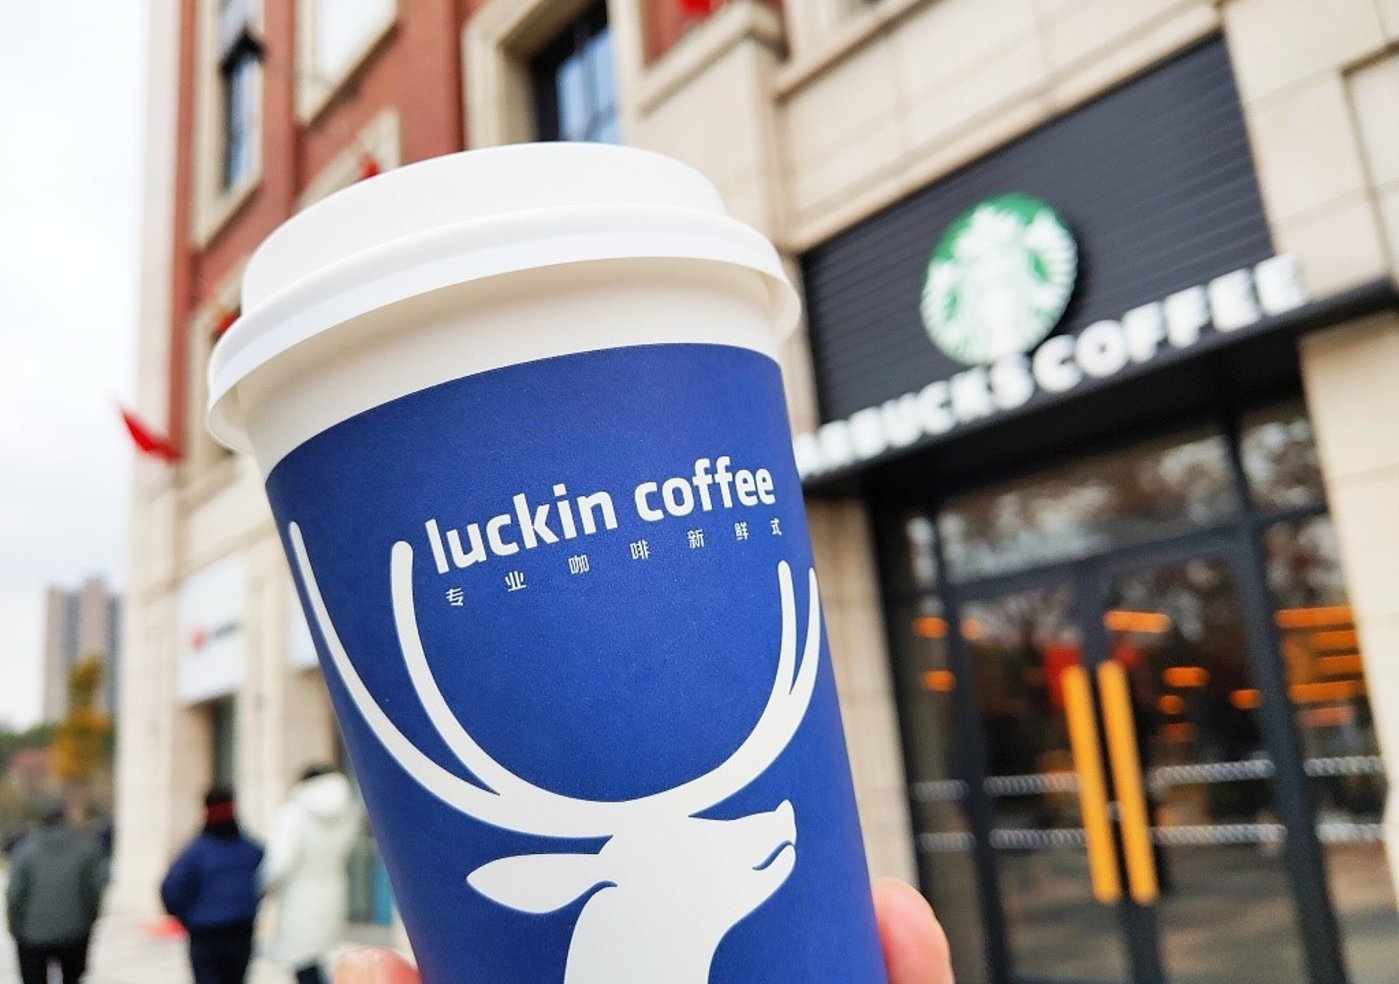 瑞幸咖啡持续补贴3到5年是真的吗